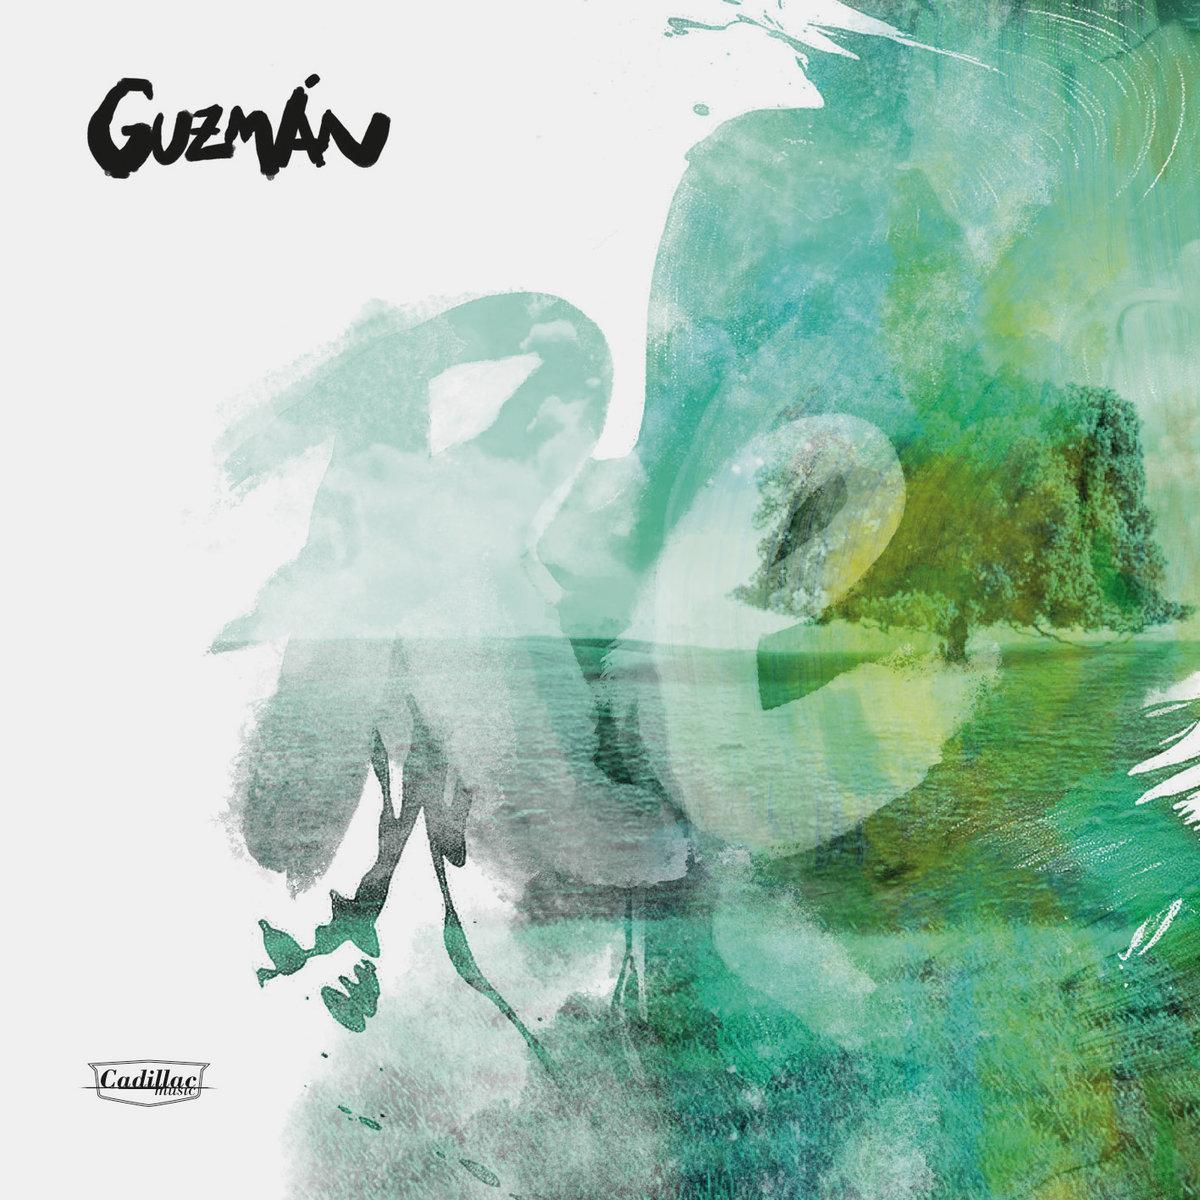 portada del album Re